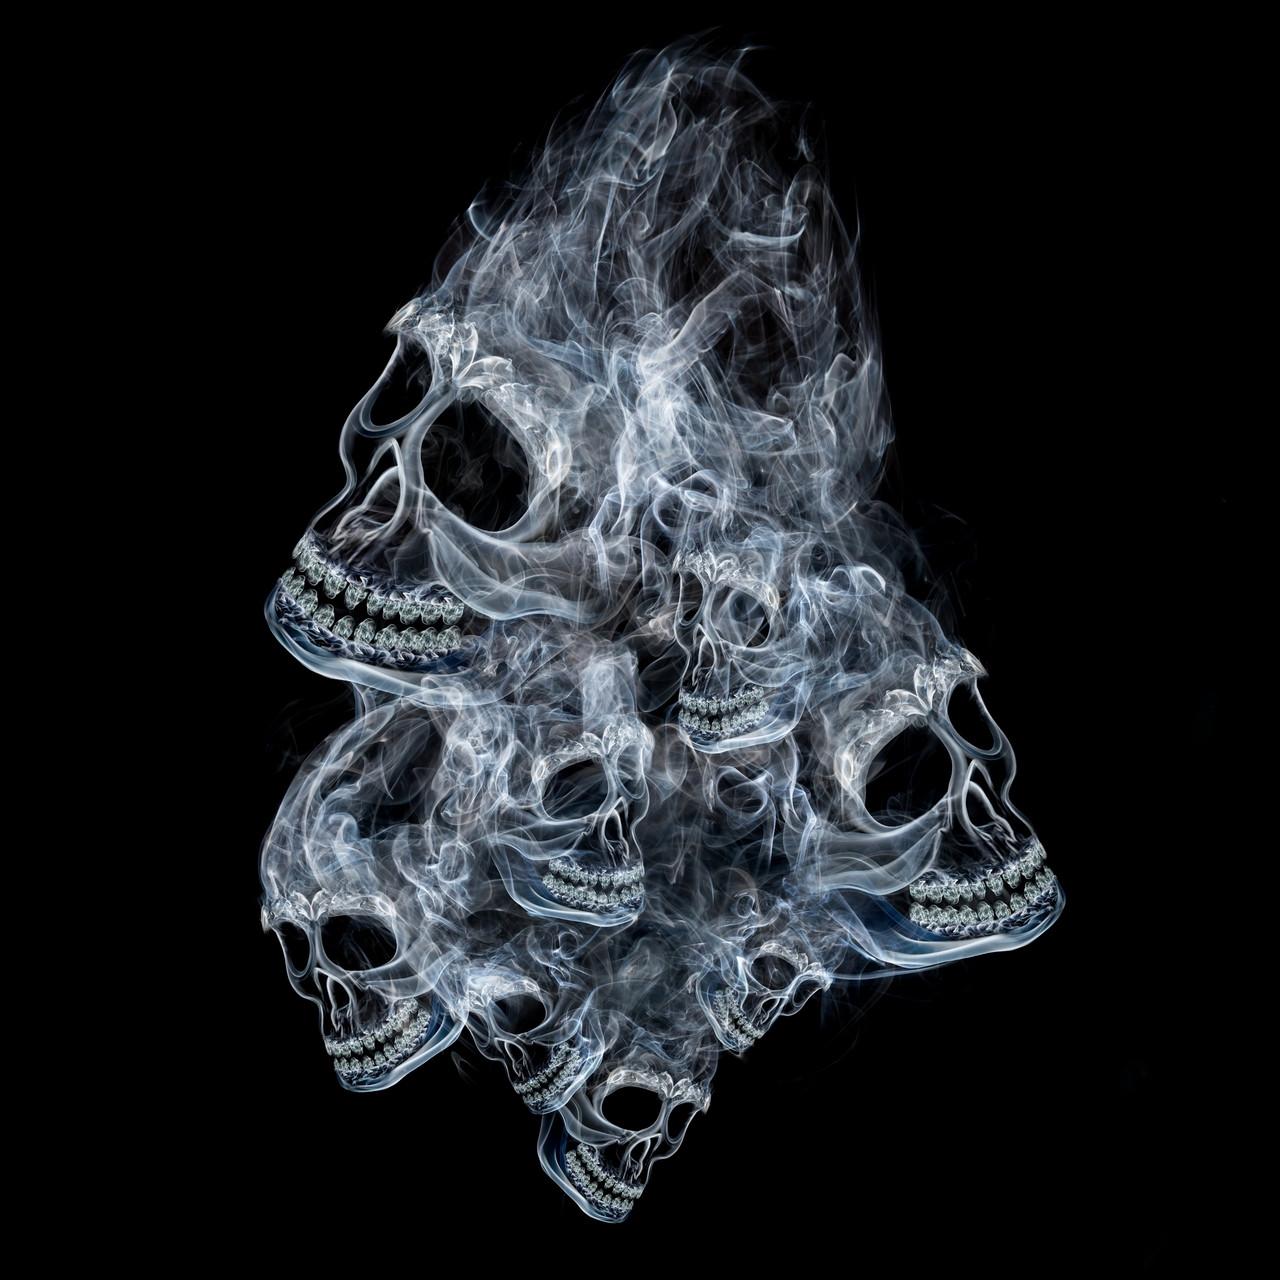 Smoke Skulls Shirt And Motorcycle Shirts